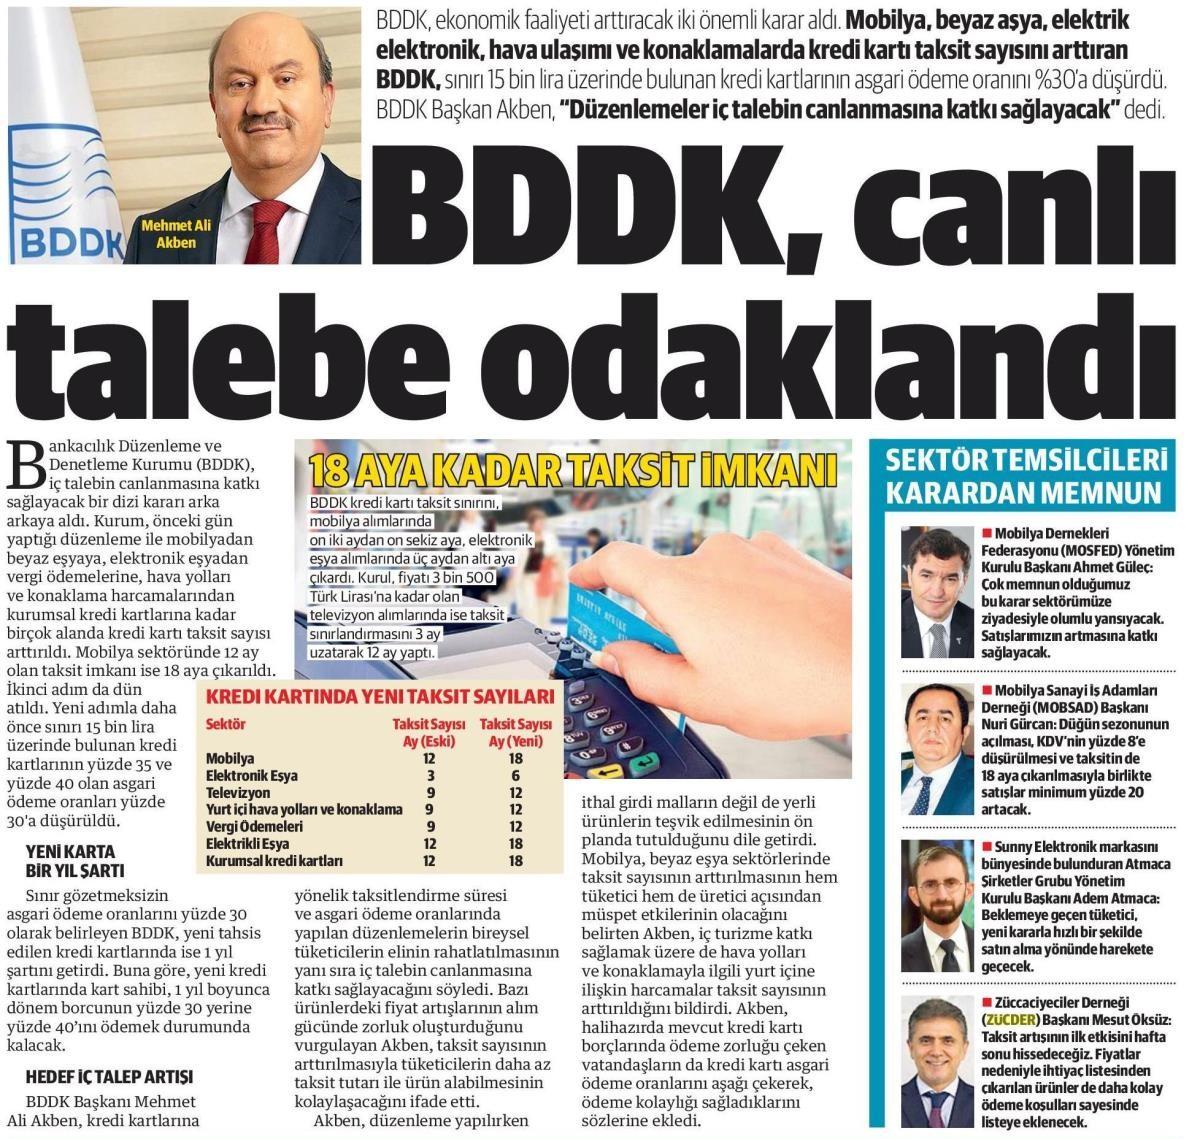 Zücder Yeni Şafak 14.06.2019